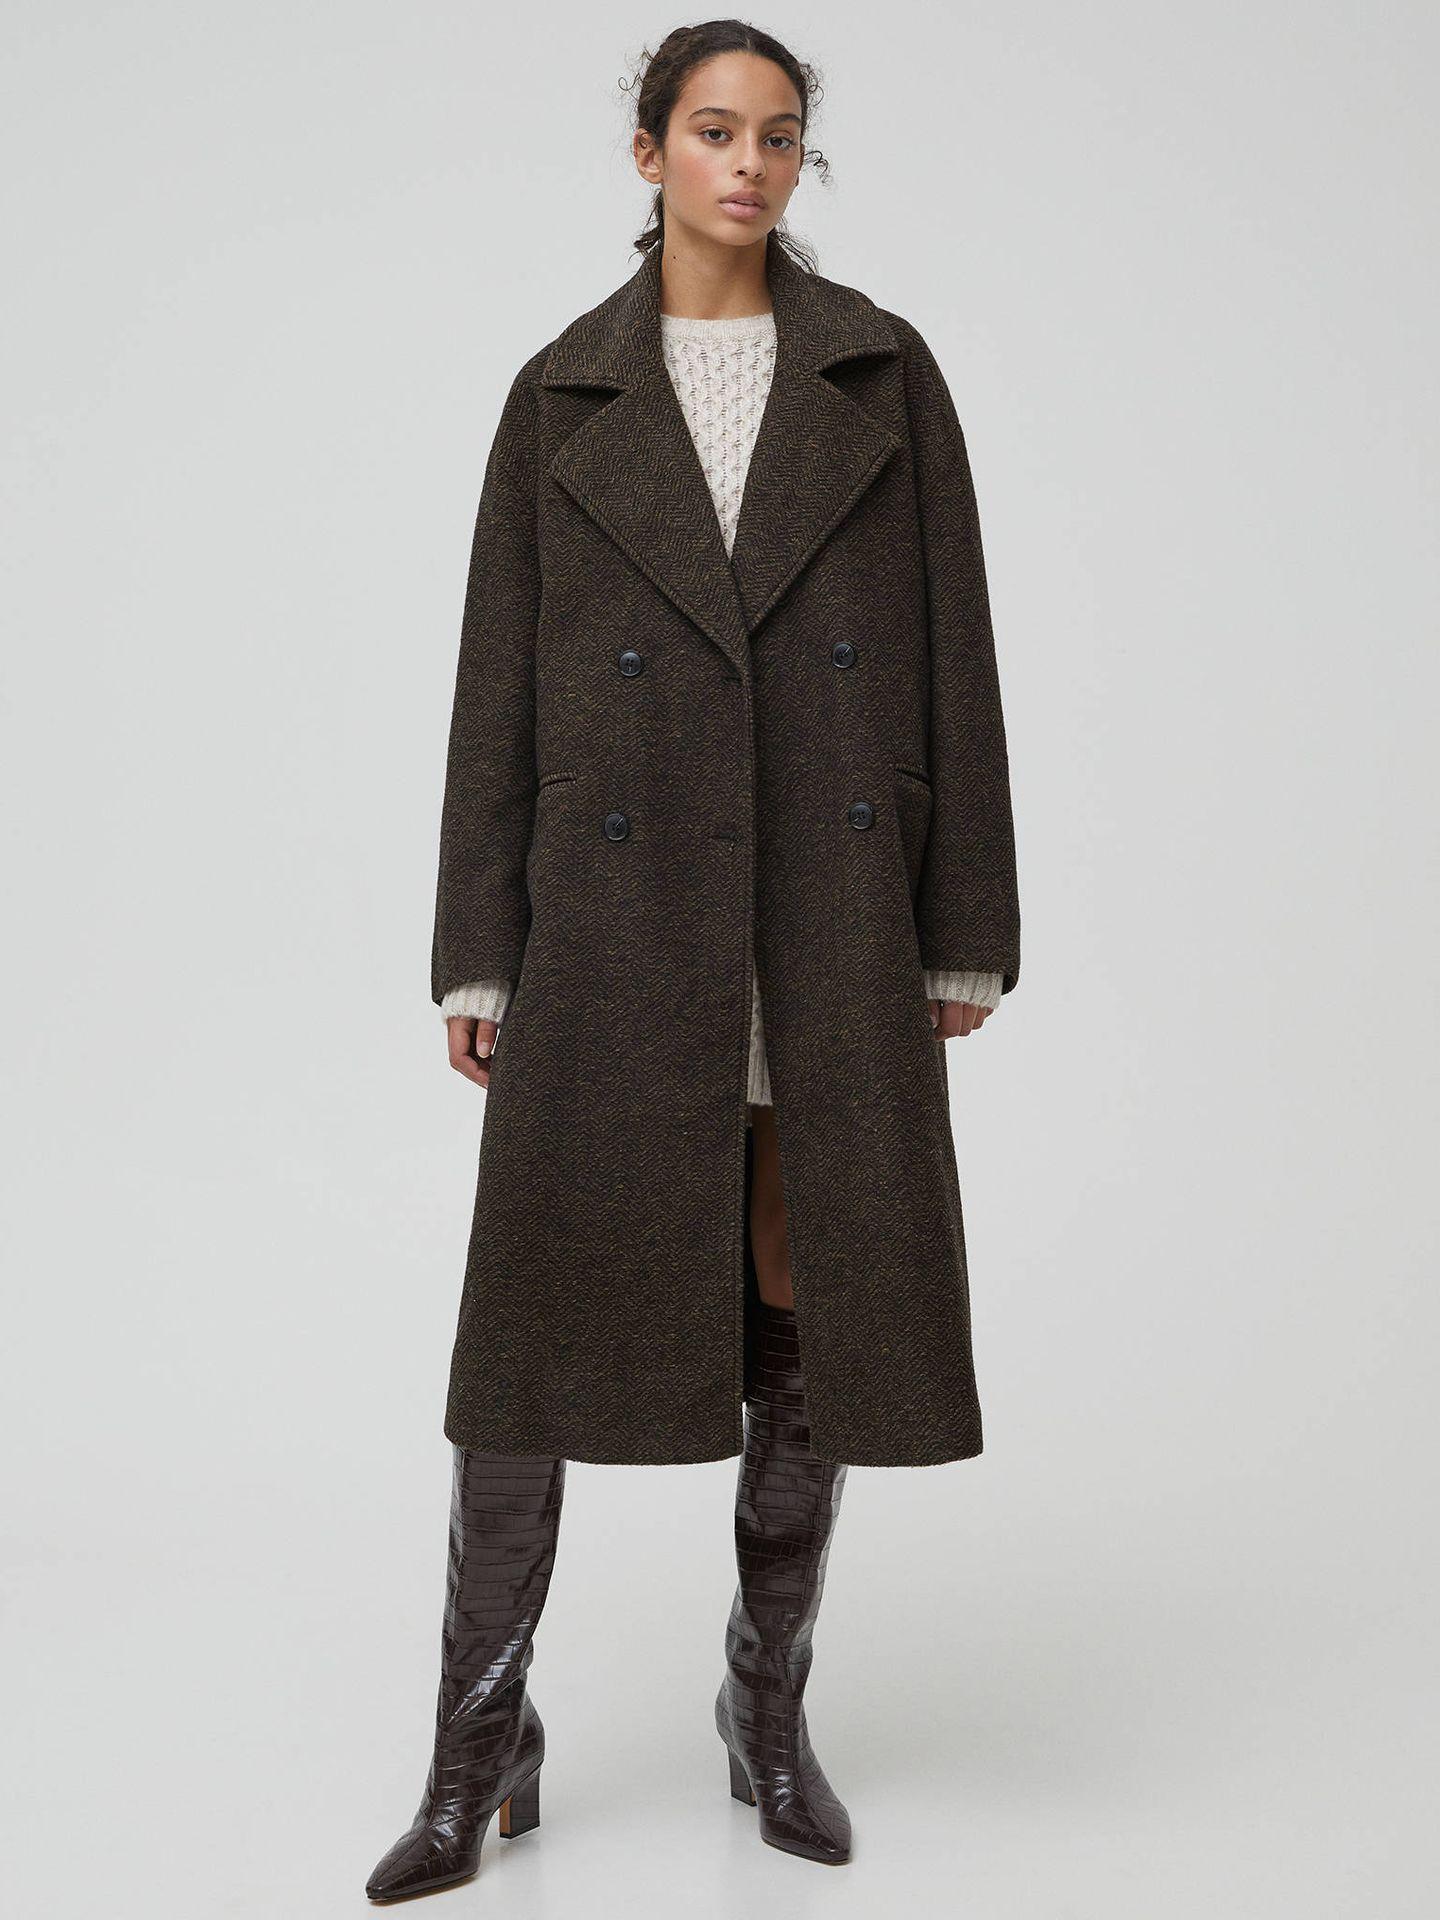 Este abrigo de Pull and Bear ha triunfado en ventas. (Cortesía)